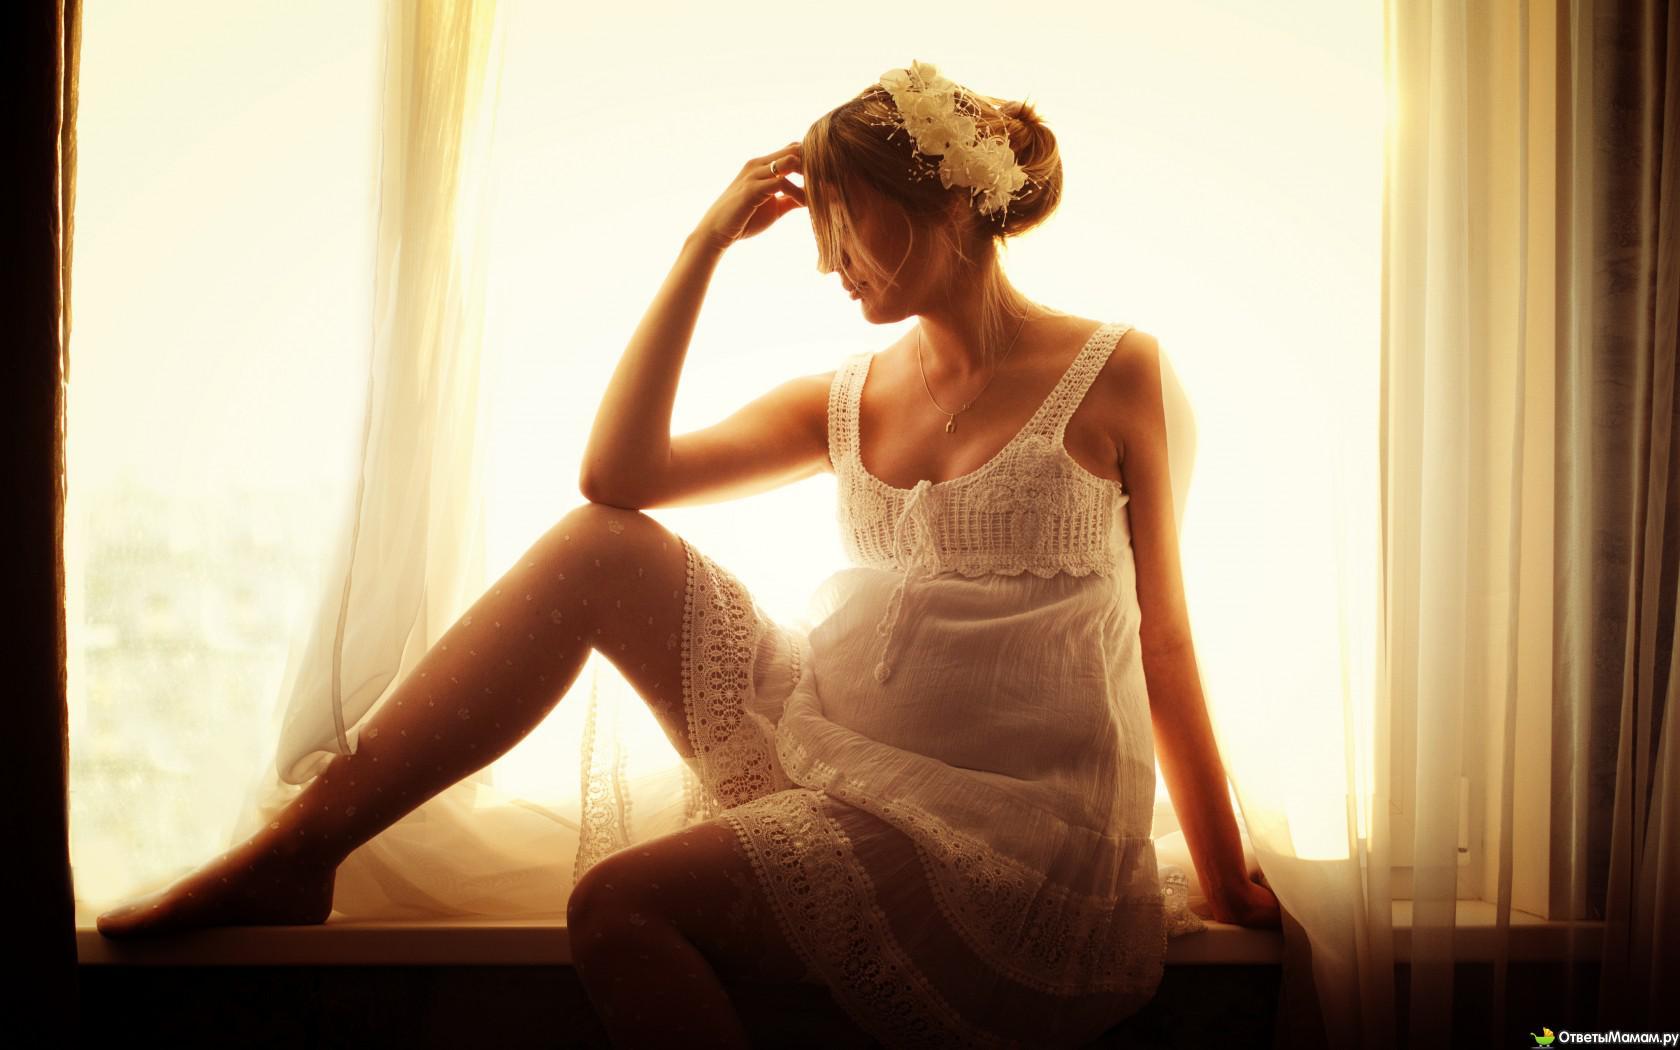 Сильно беременная девушка картинки 2 фотография